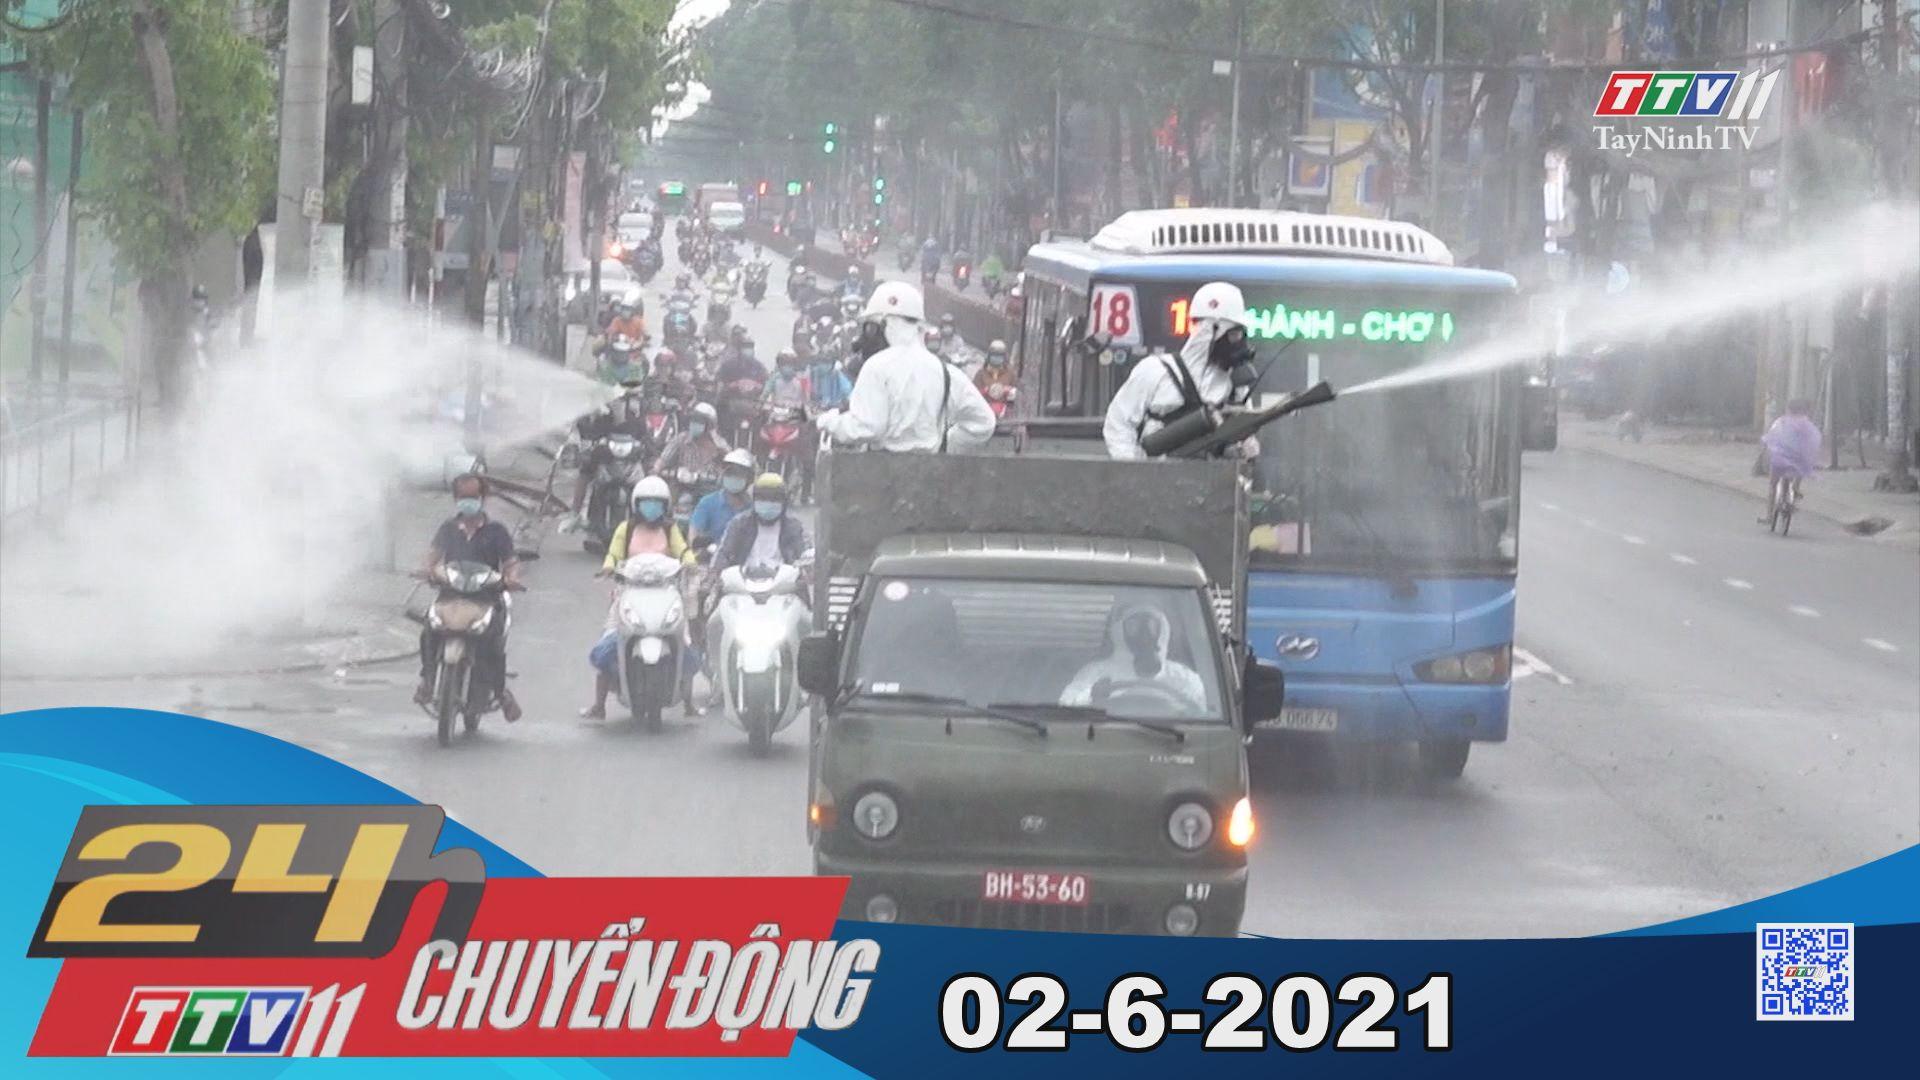 24h Chuyển động 02-6-2021 | Tin tức hôm nay | TayNinhTV